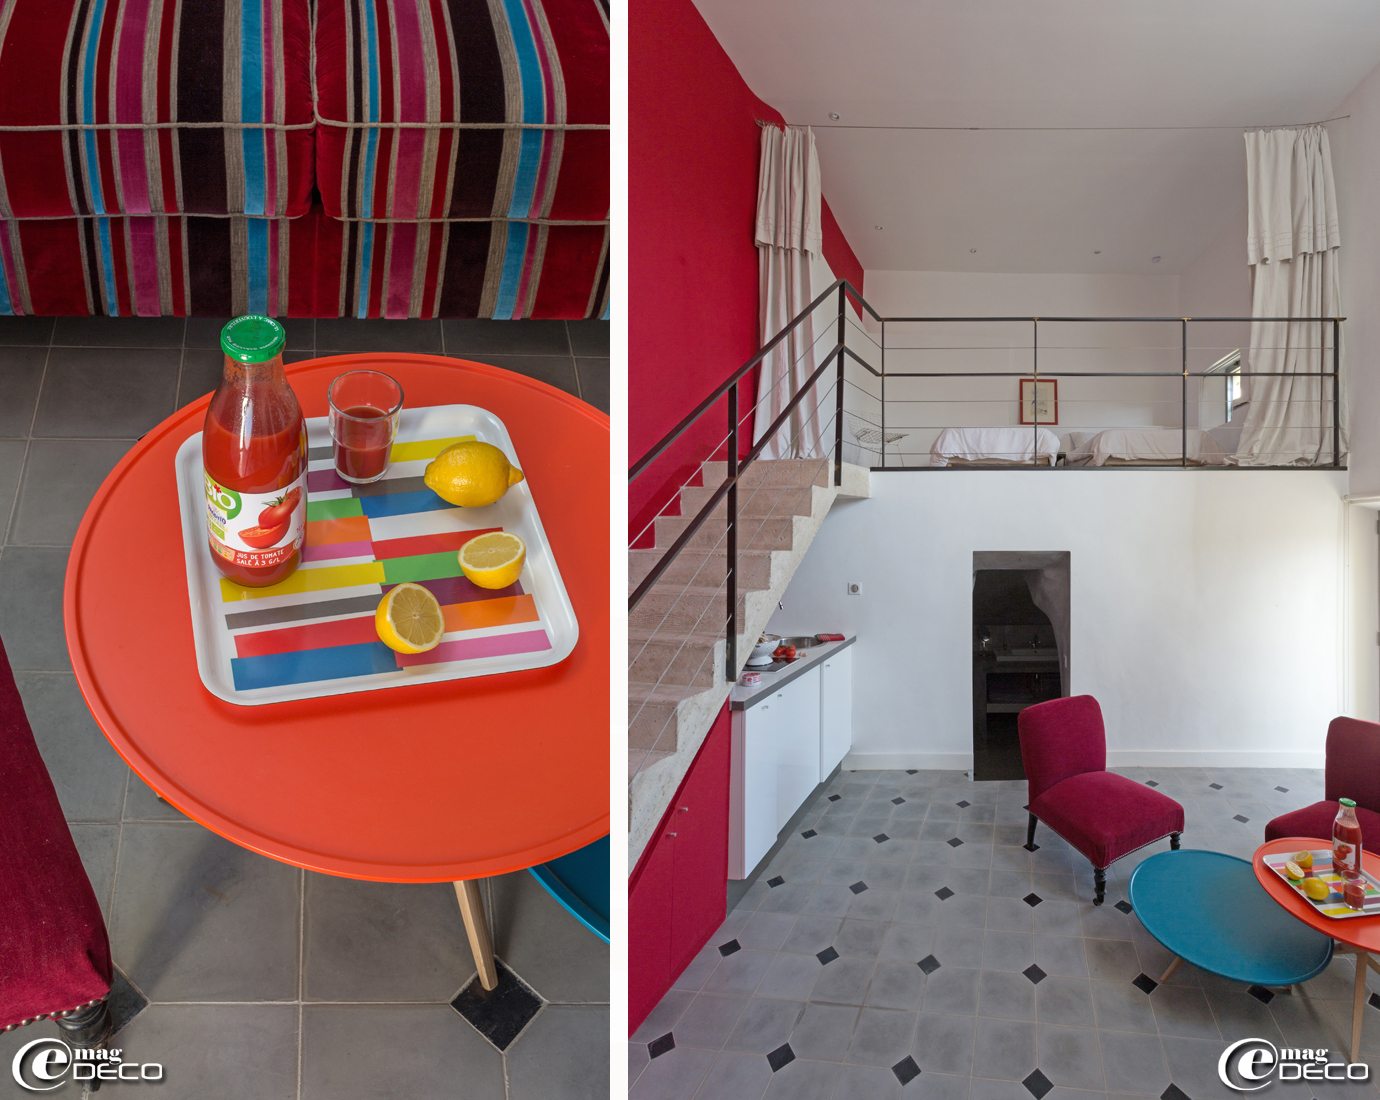 Table basse 'Arflex' en marbre des années 1950, achetée dans la 'Galerie Collection of Design' à Lyon, entourée de fauteuils inspirés du célèbre fauteuil 'Ours polaire' du designer Jean Royère